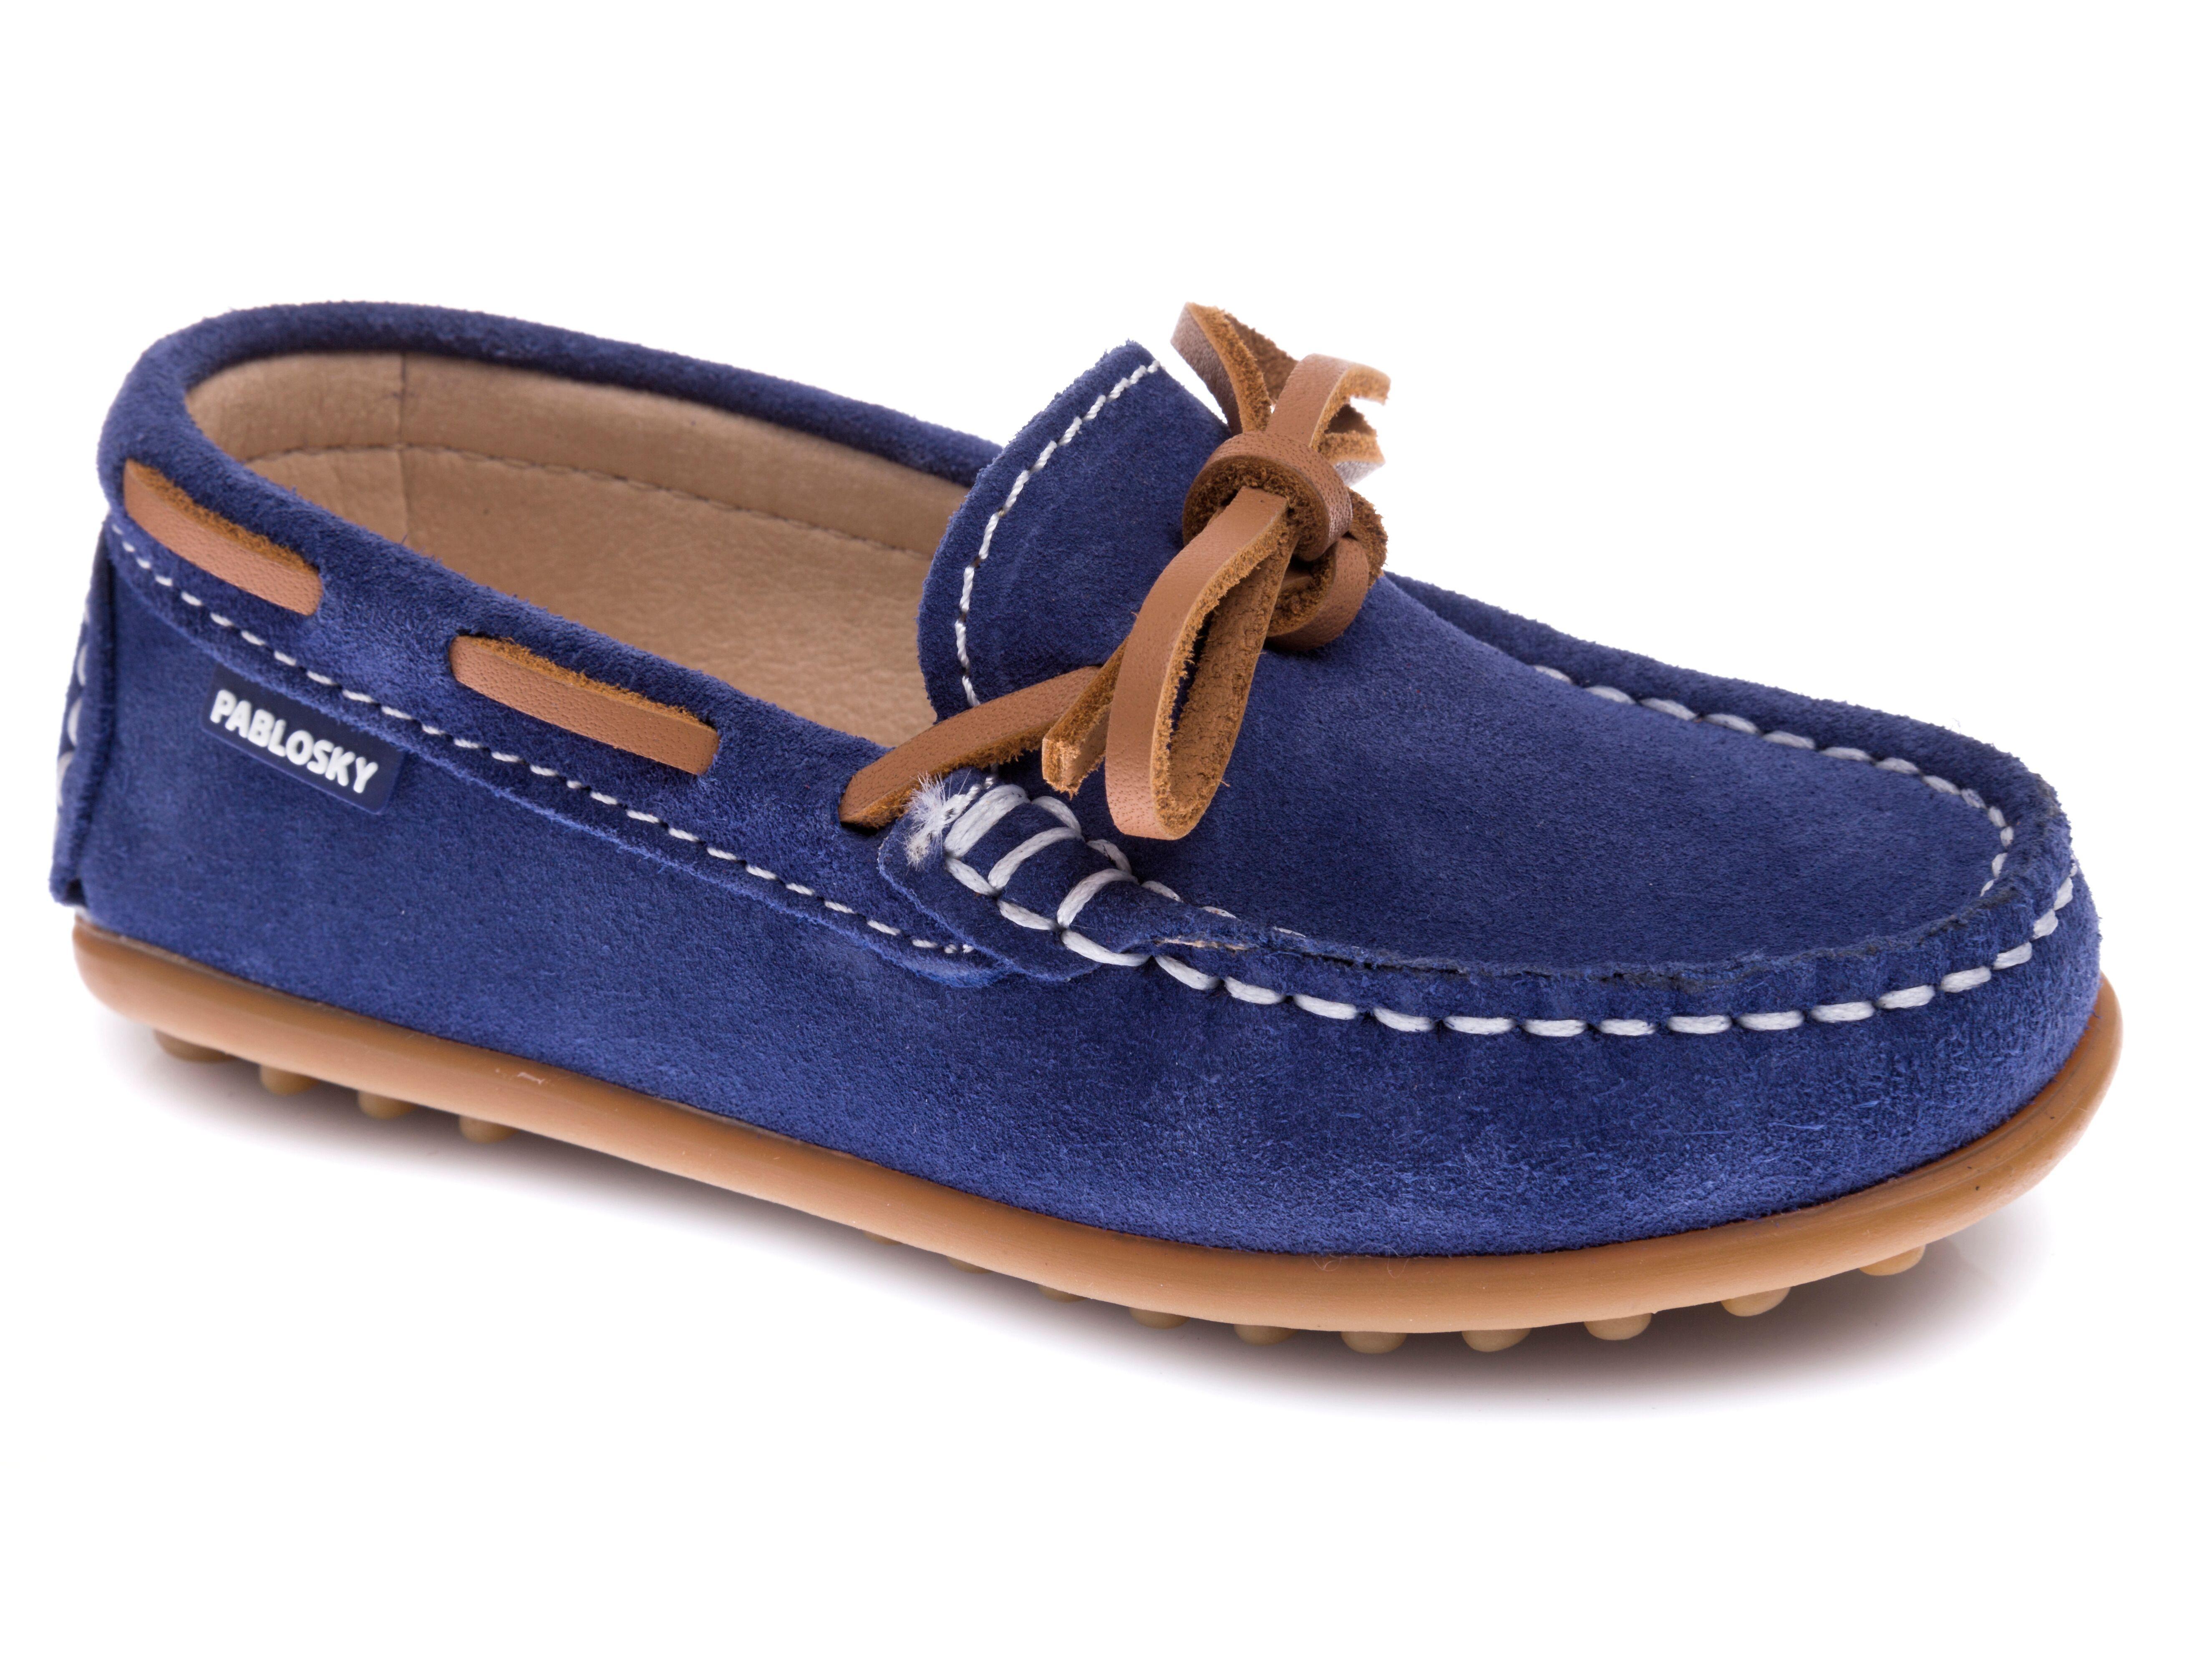 d21c74847 Zapatos mocasín de piel serraje de color azul